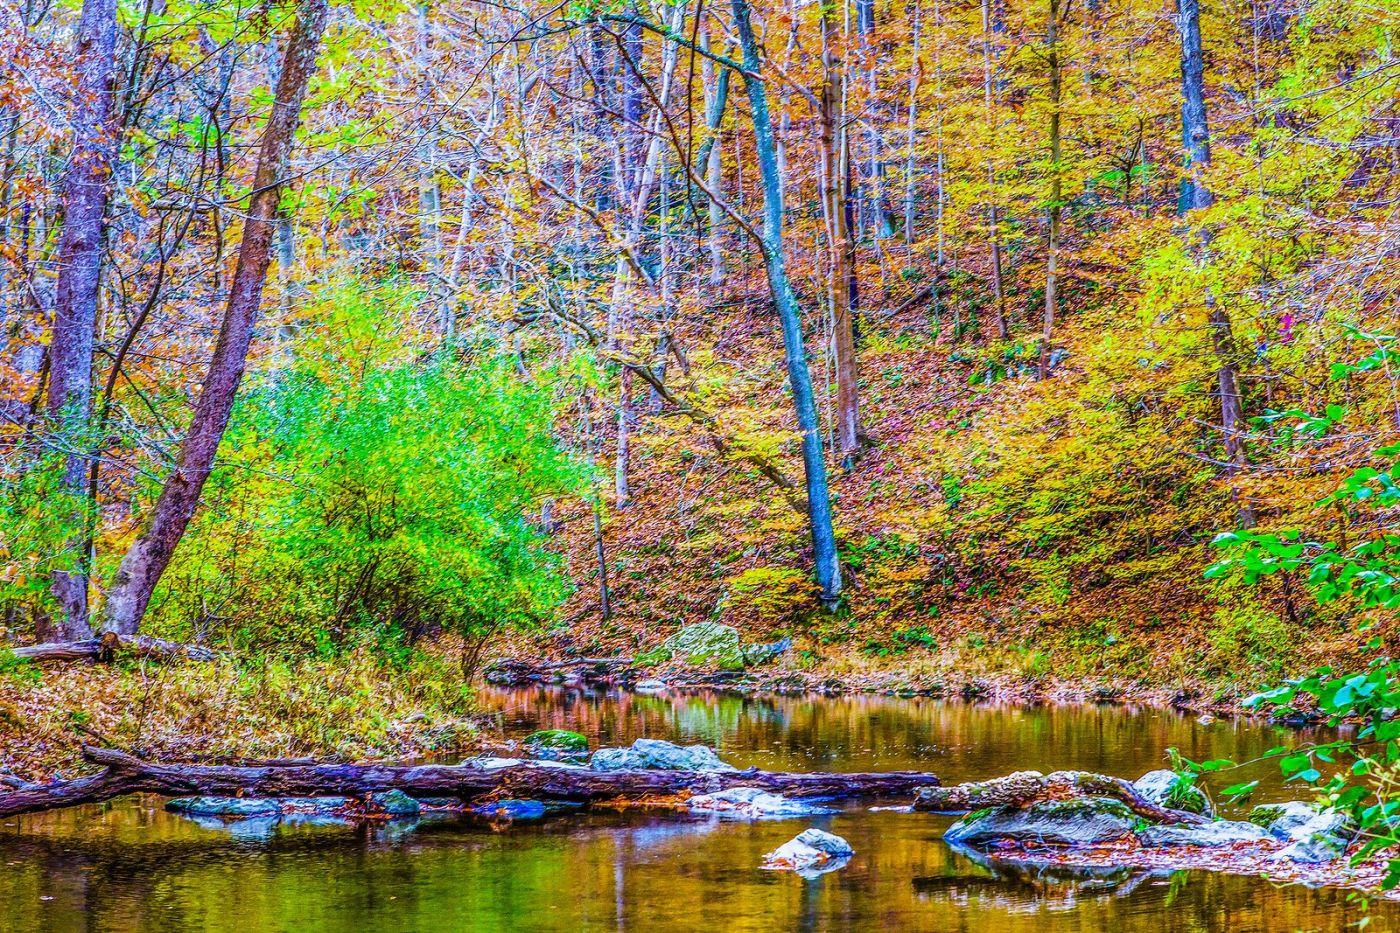 宾州雷德利克里克公园(Ridley creek park),如梦的画面_图1-31